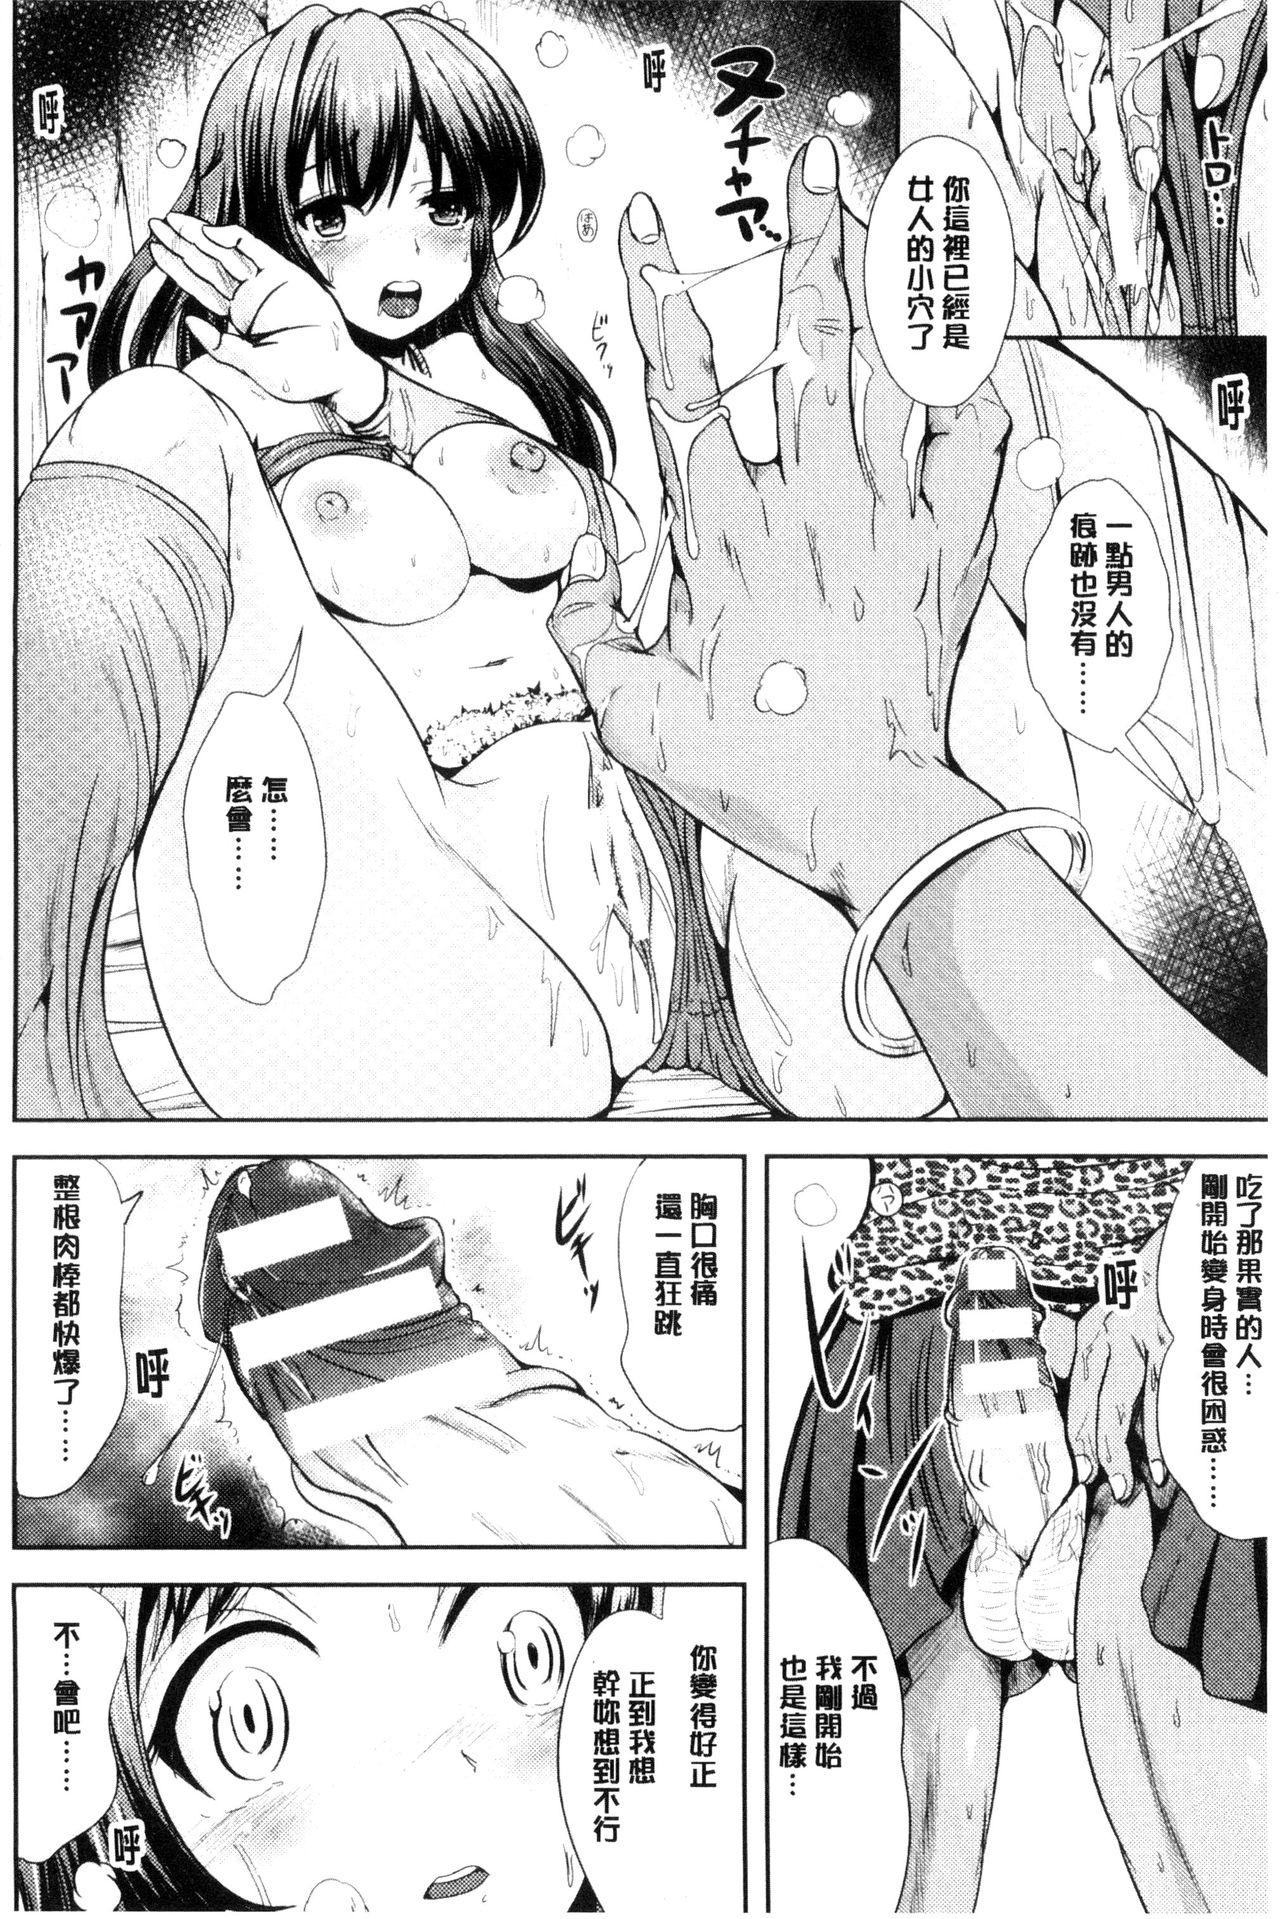 [Marneko] Onnanoko Supple ~Seitenkan Shite Hoken no Jugyou~   女孩子補給品 性轉換之後保健的授業 [Chinese] 91